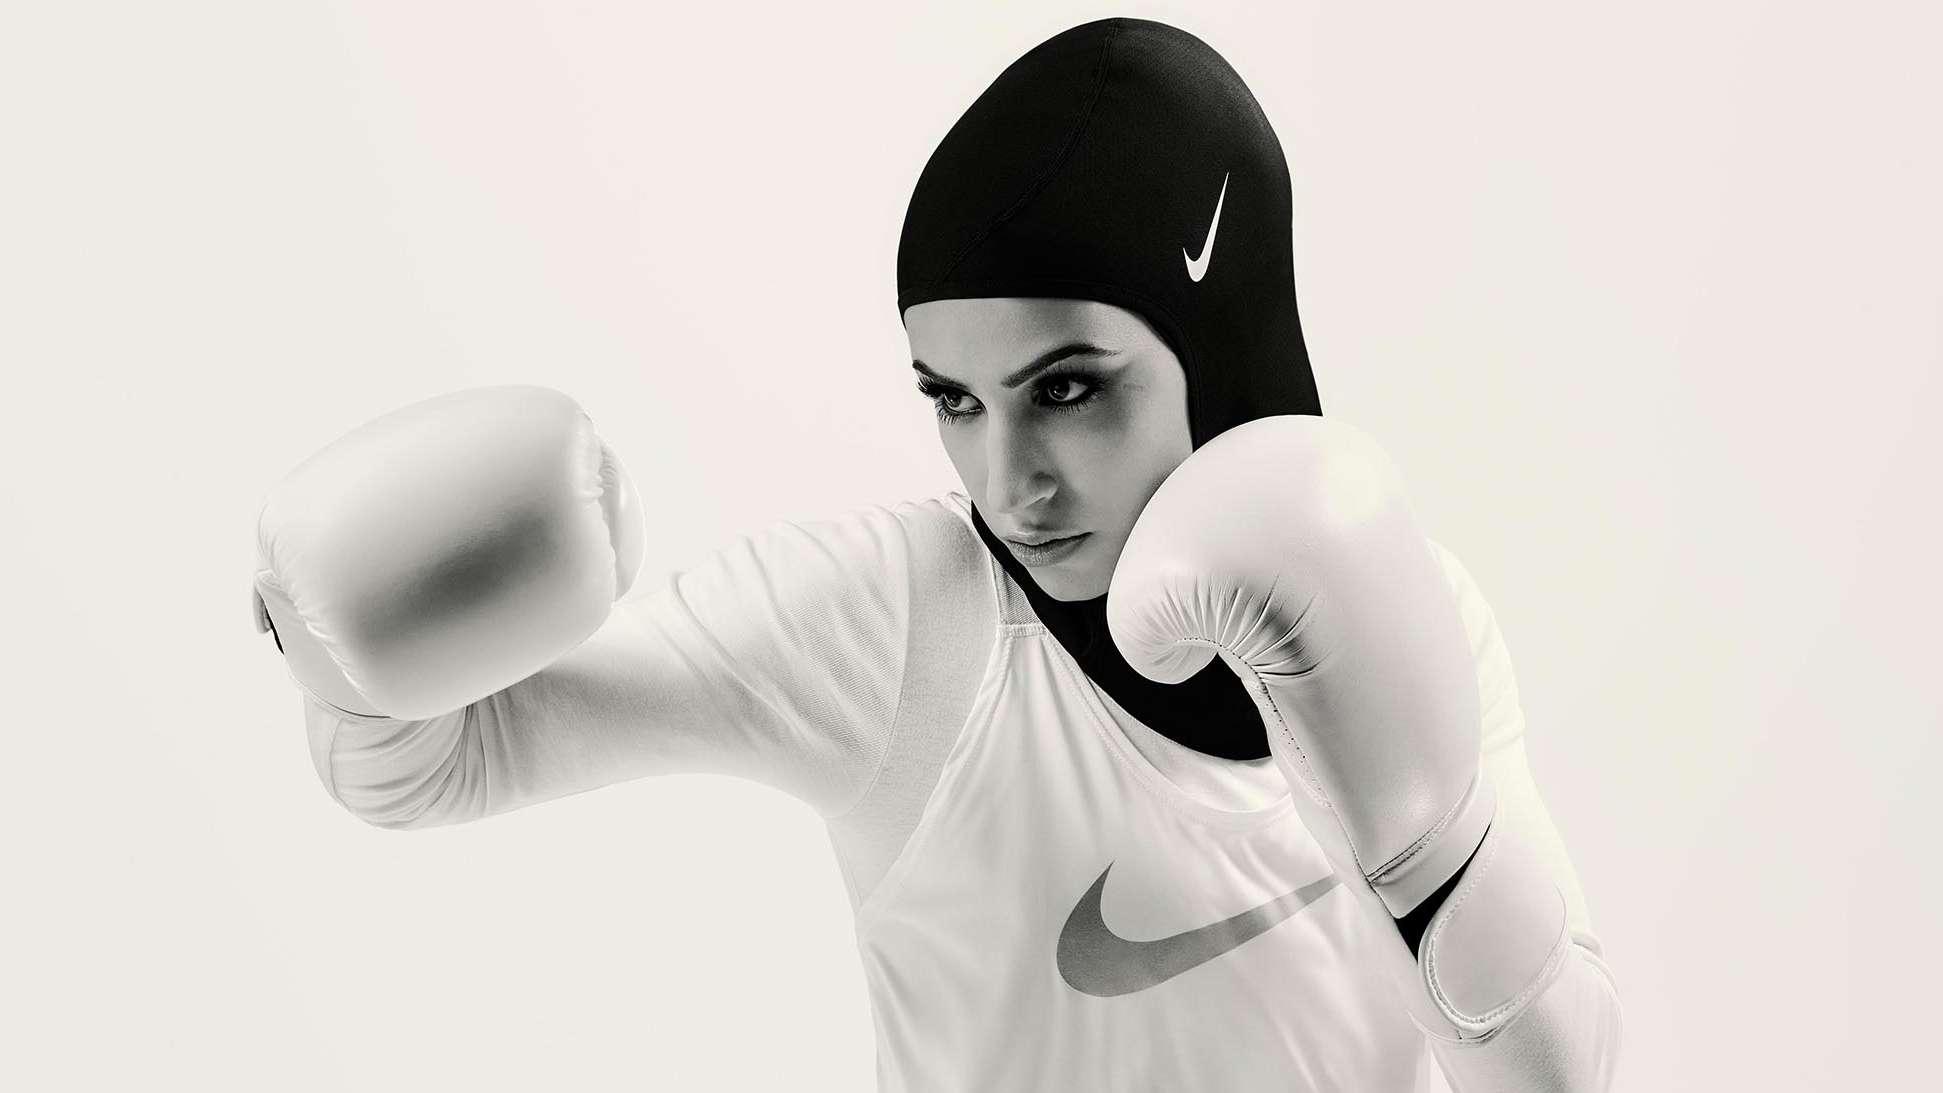 Boxerin mit Hijab von Nike